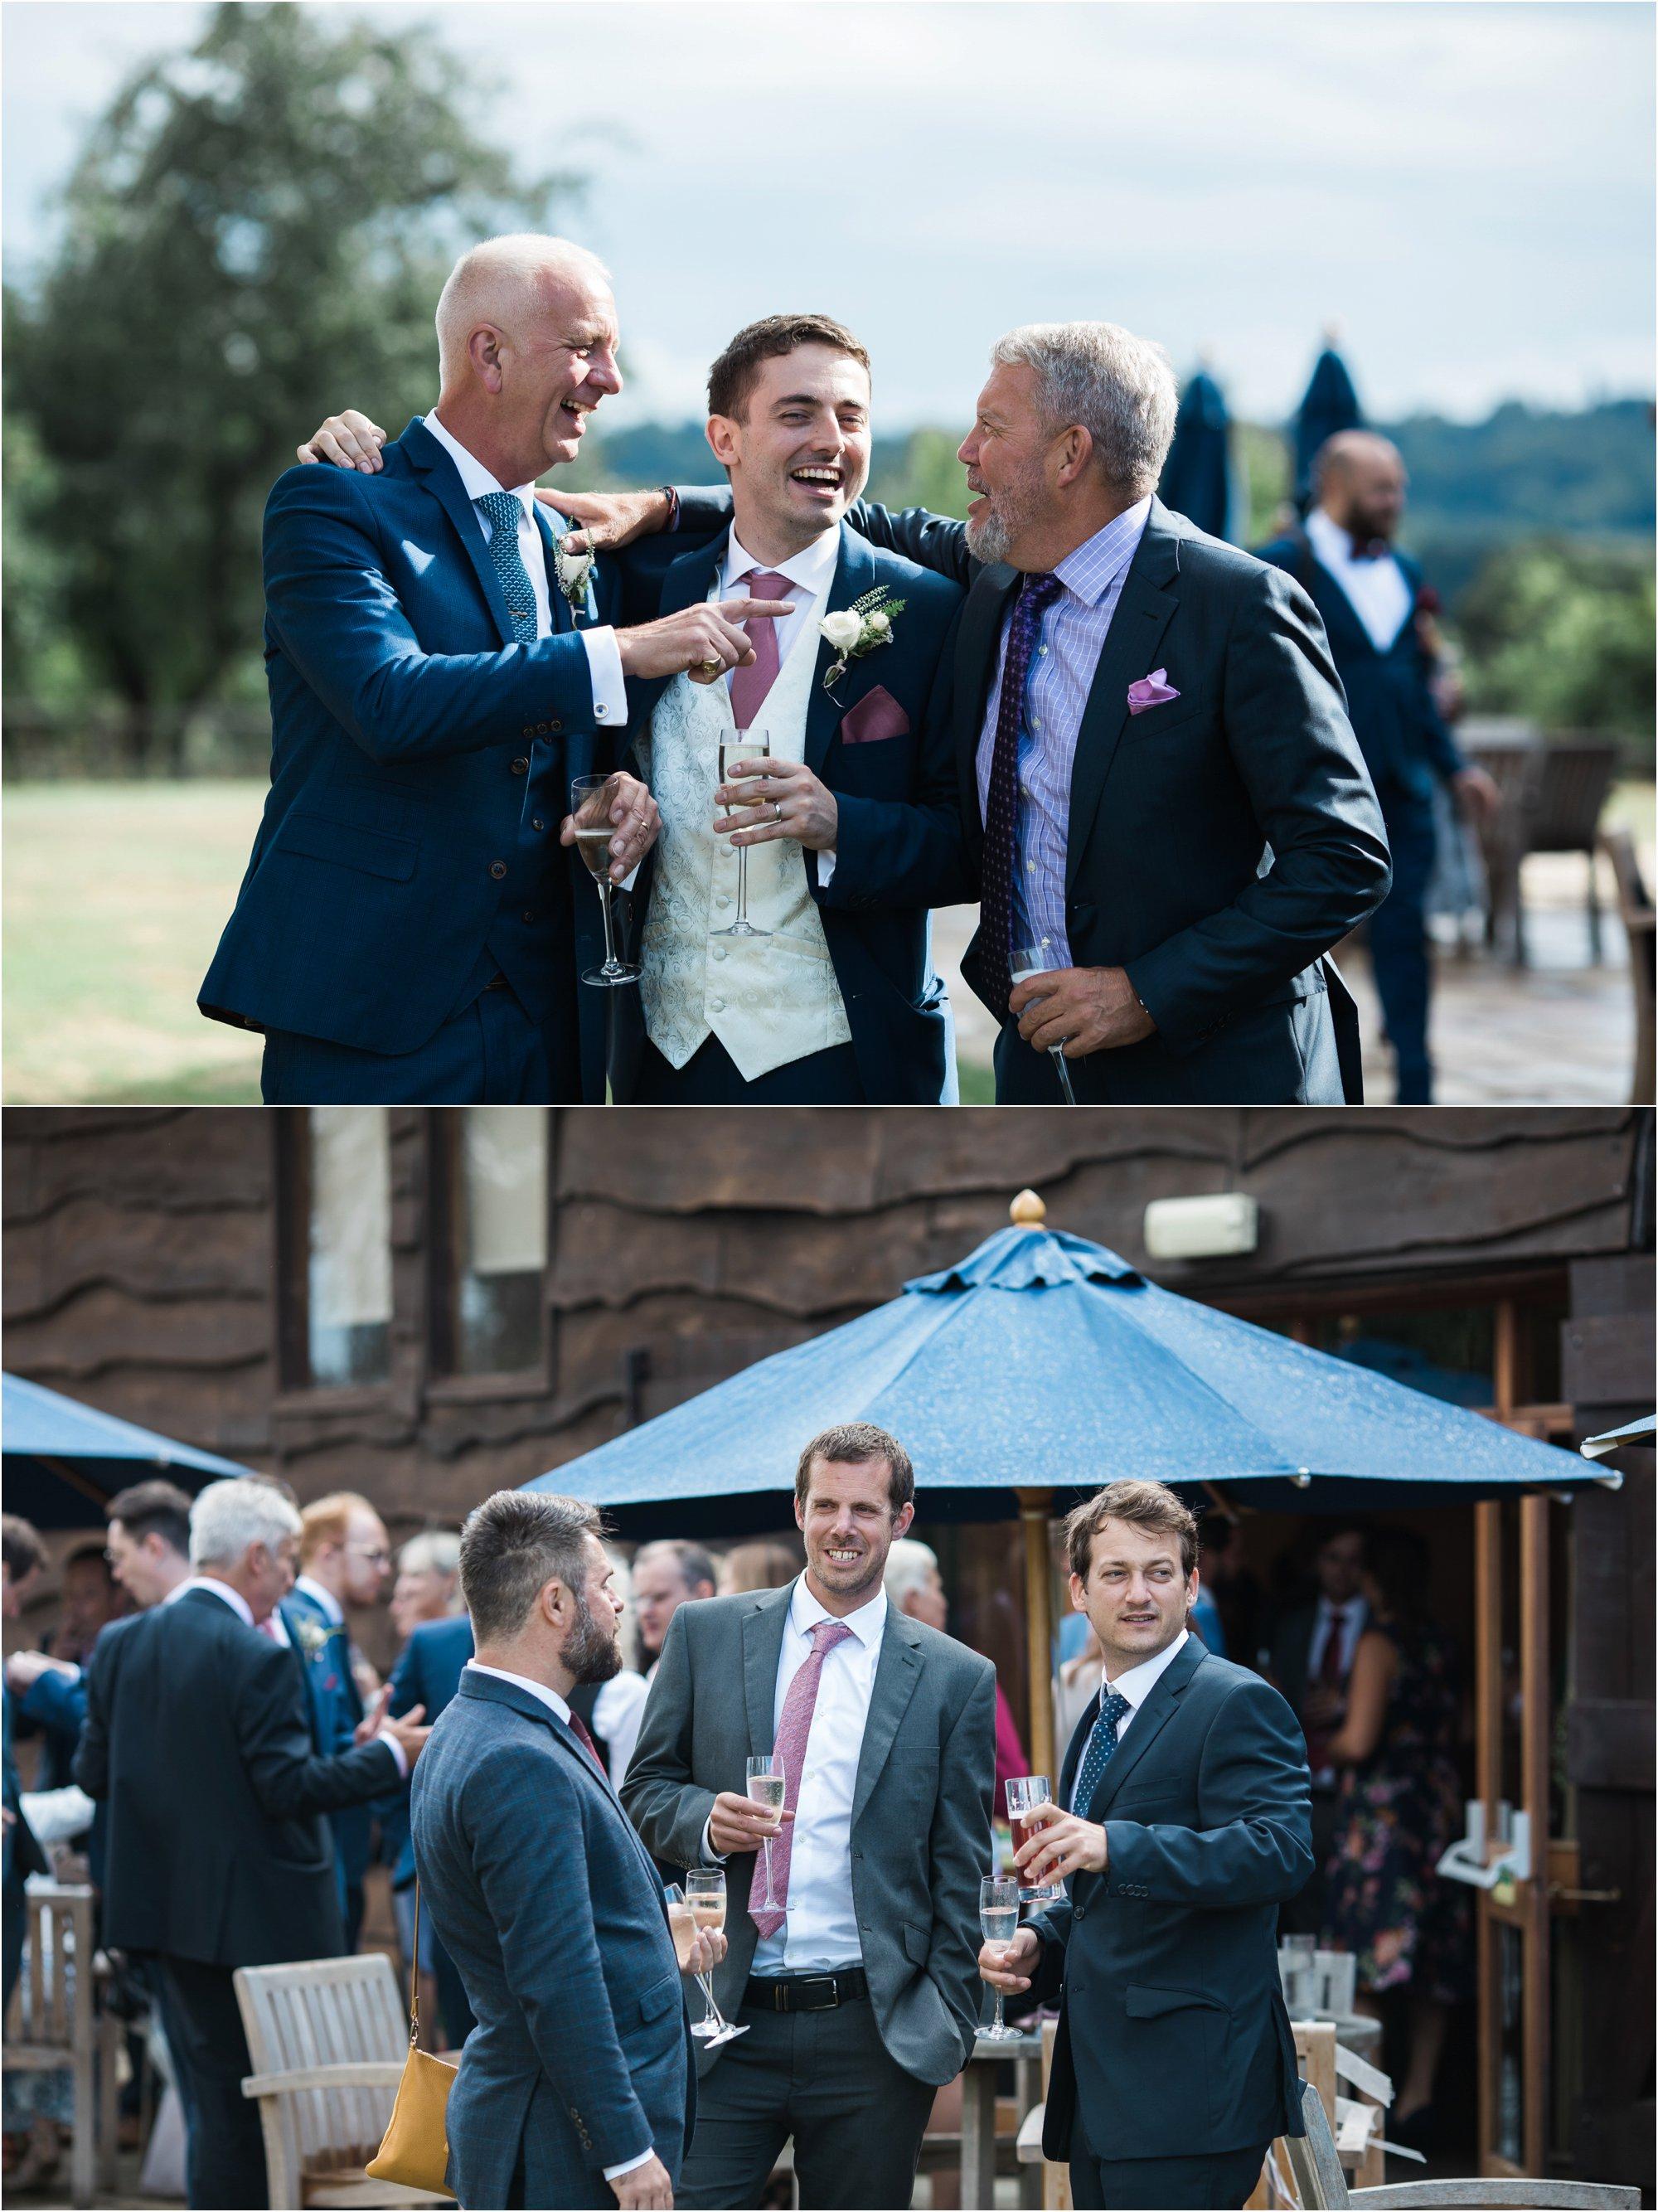 Loseley Park wedding reception